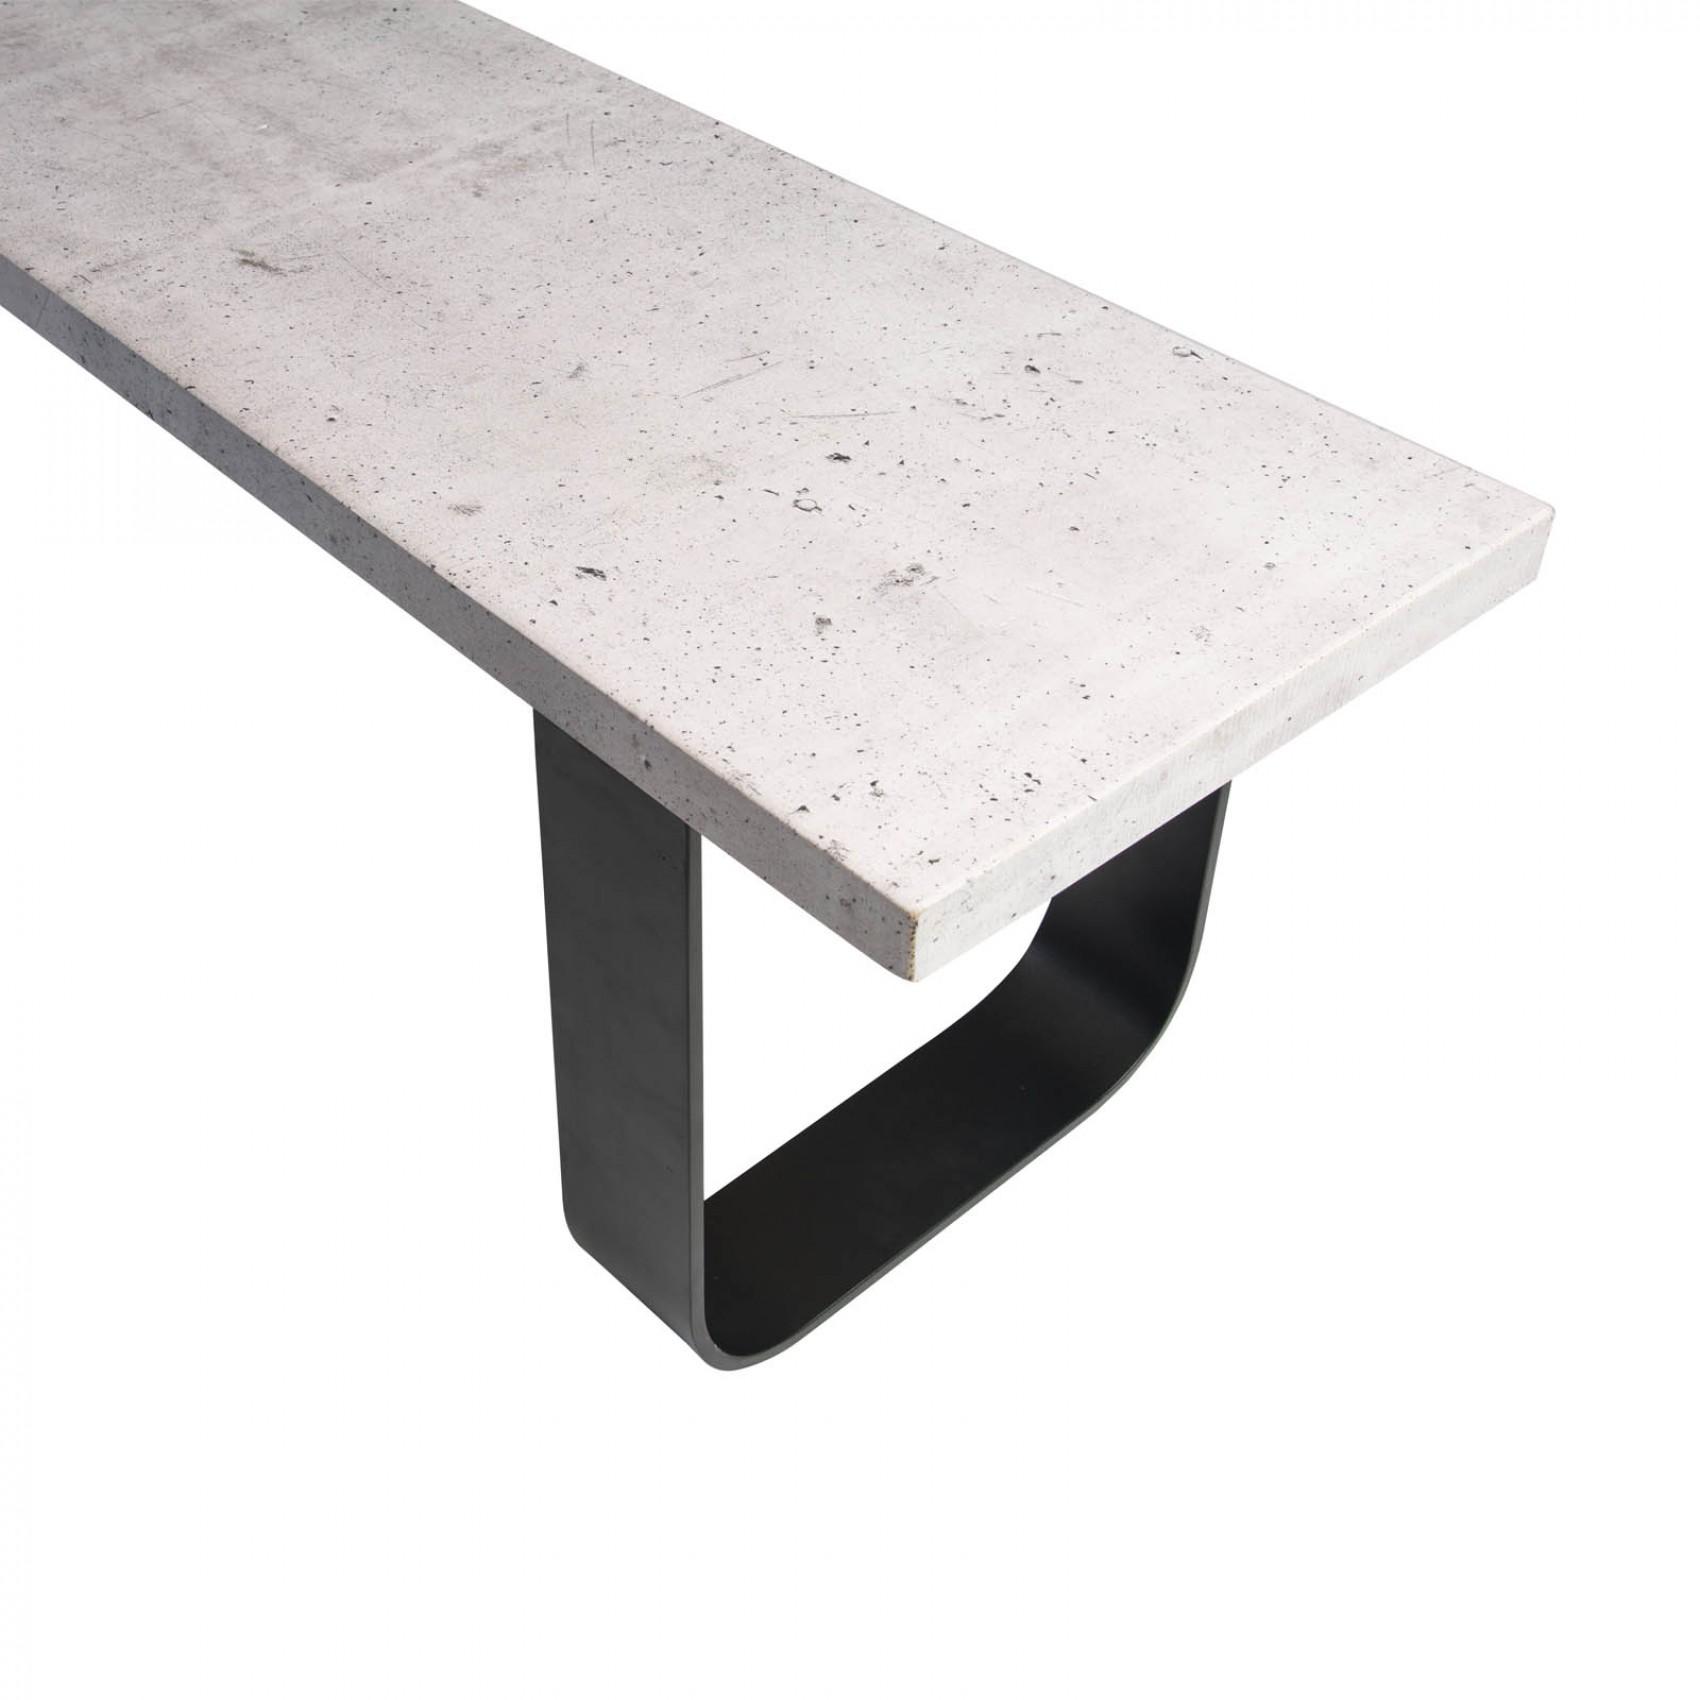 Full Size of Gartentisch Betonoptik Sitzbank In Passend Zu Design Esstisch Bad Küche Wohnzimmer Gartentisch Betonoptik